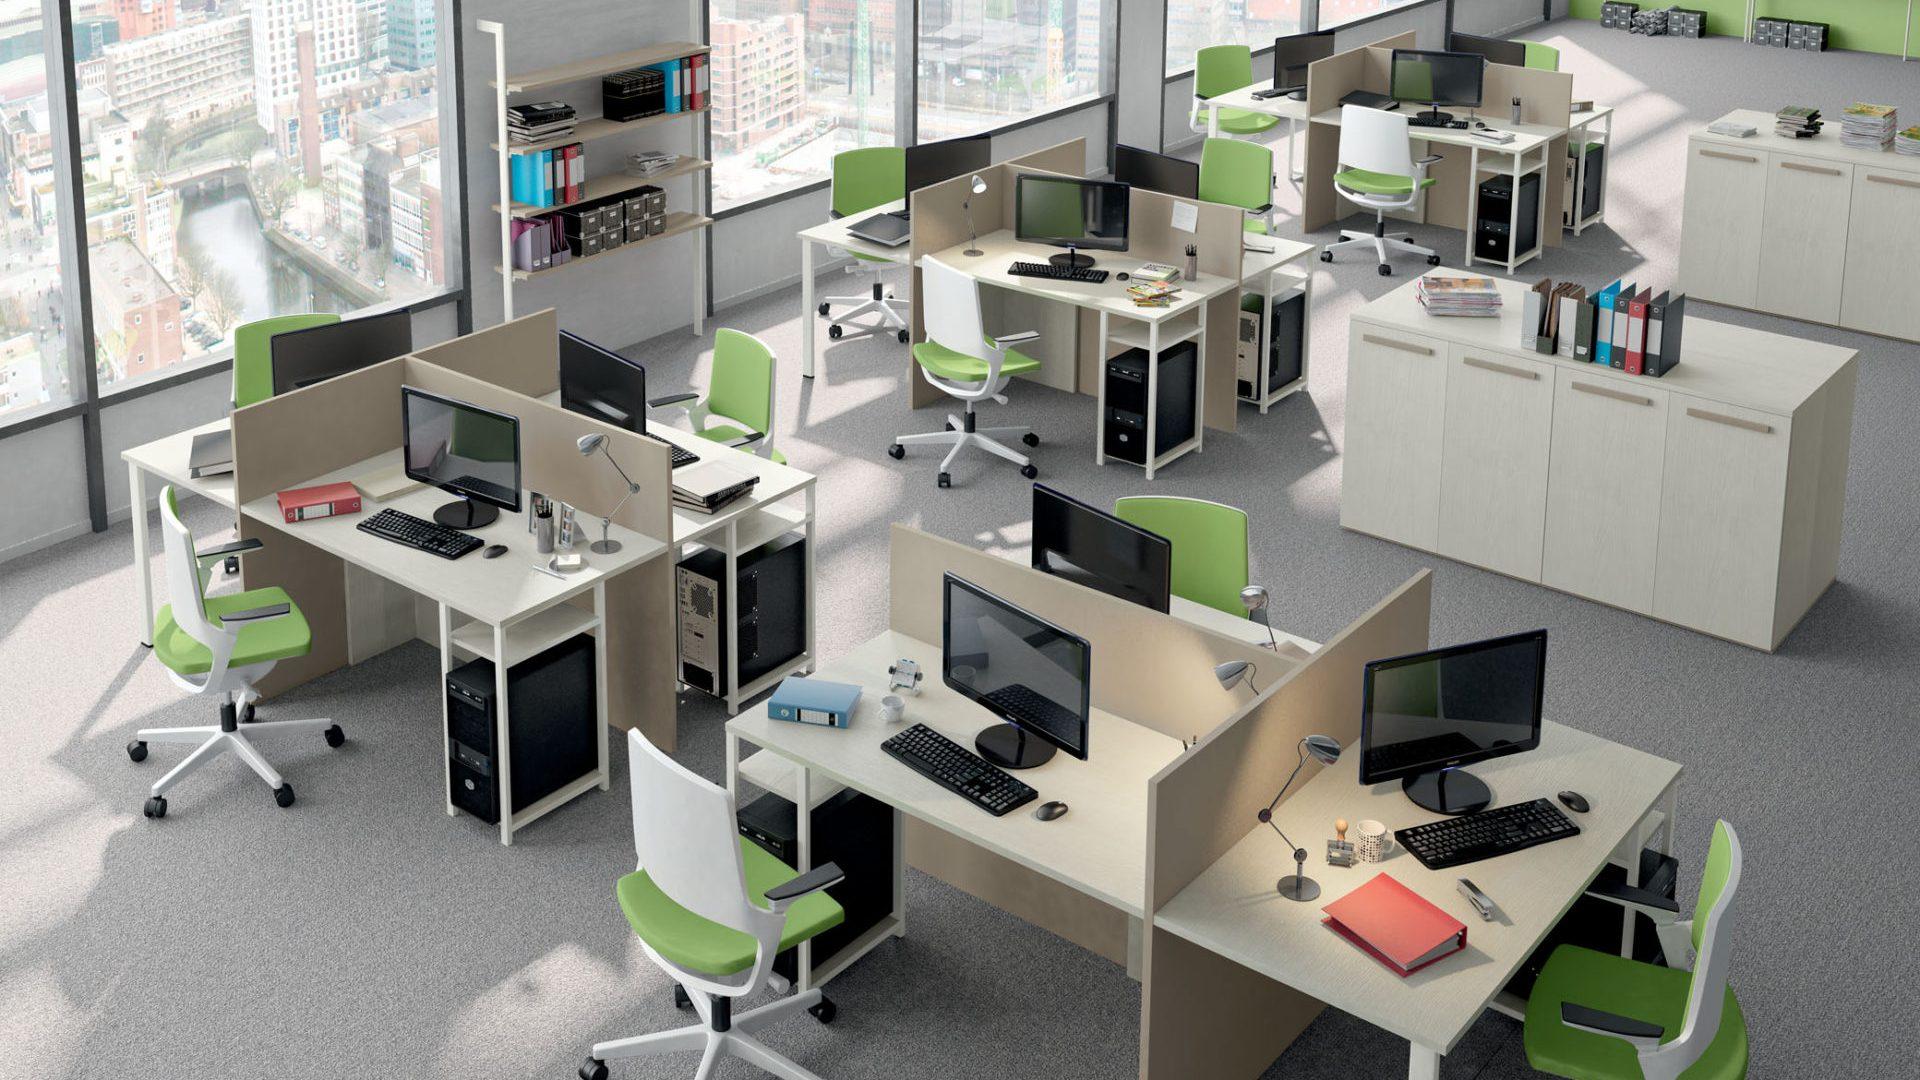 Composizione ufficio 54 Ufficio  S.Martino Mobili